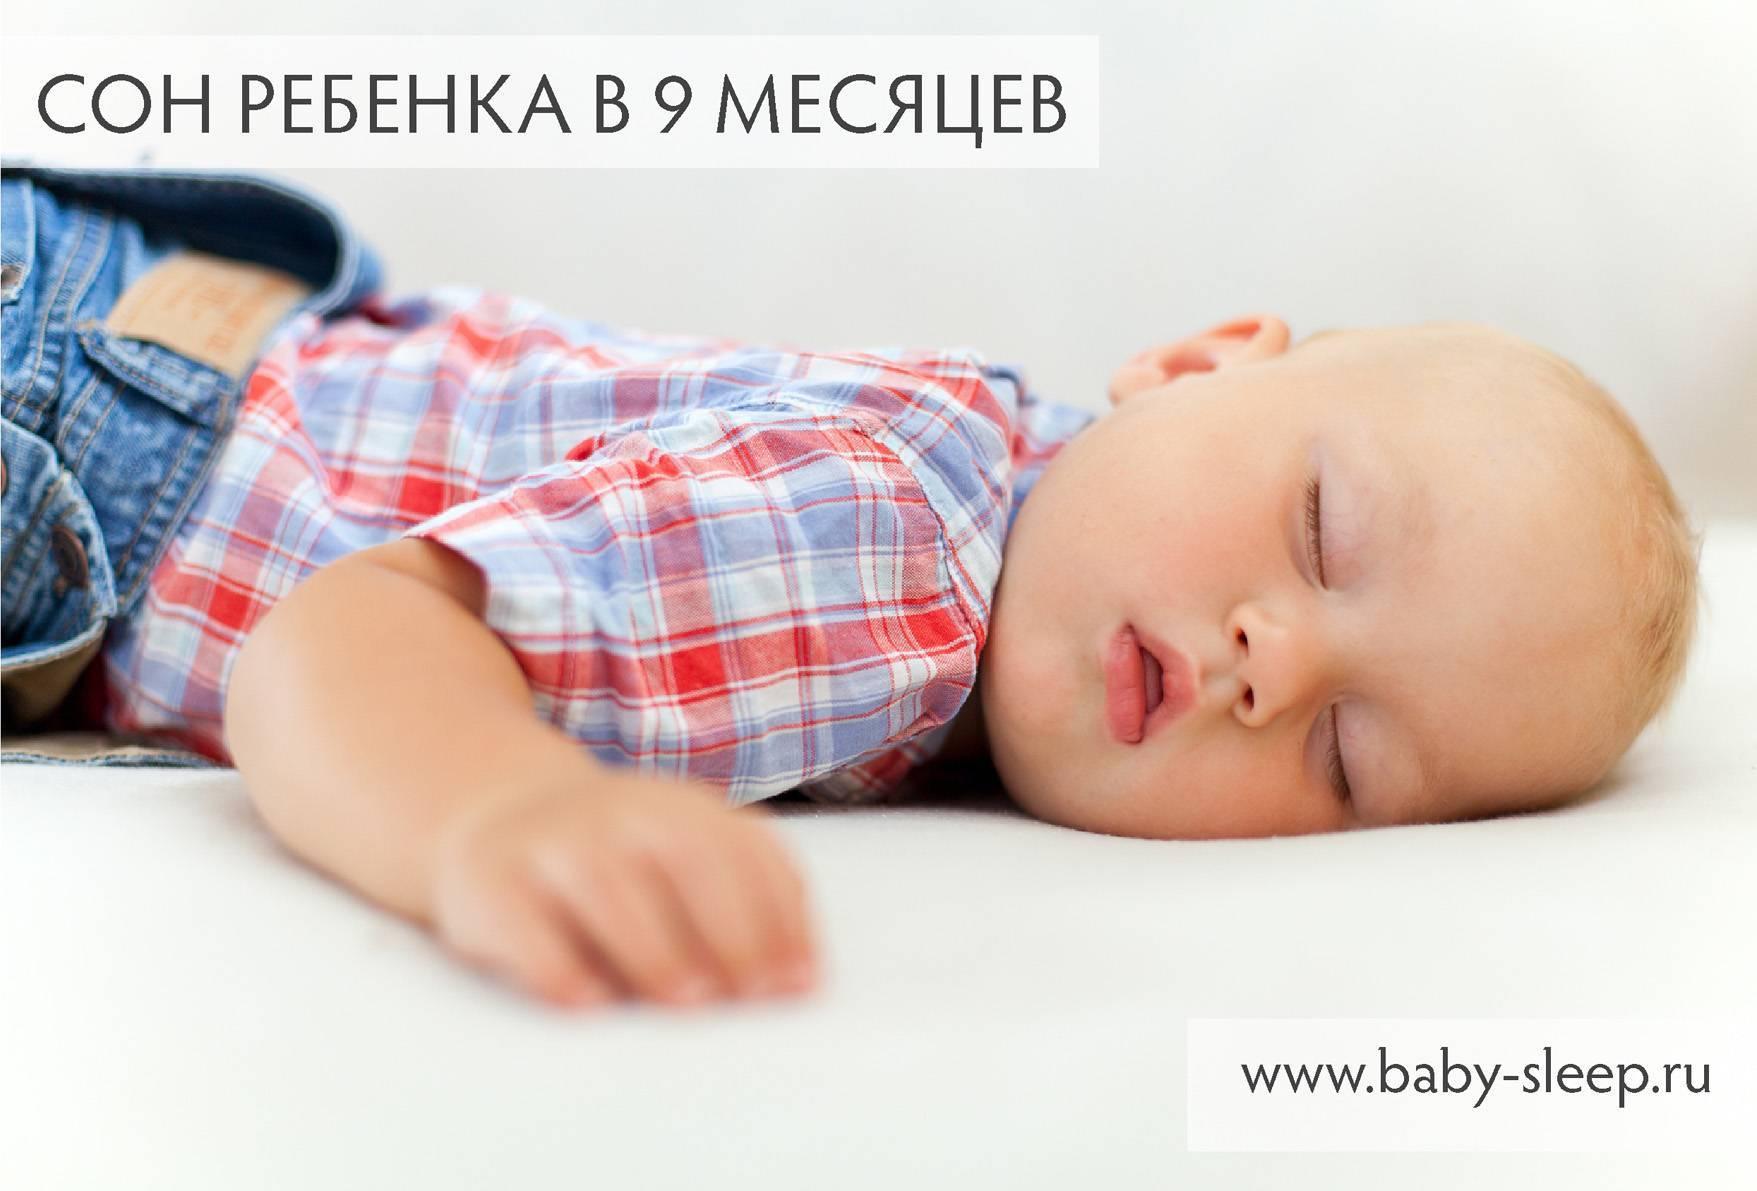 Нормы сна для ребенка в 3 месяца, или сколько должен спать малыш днем и ночью